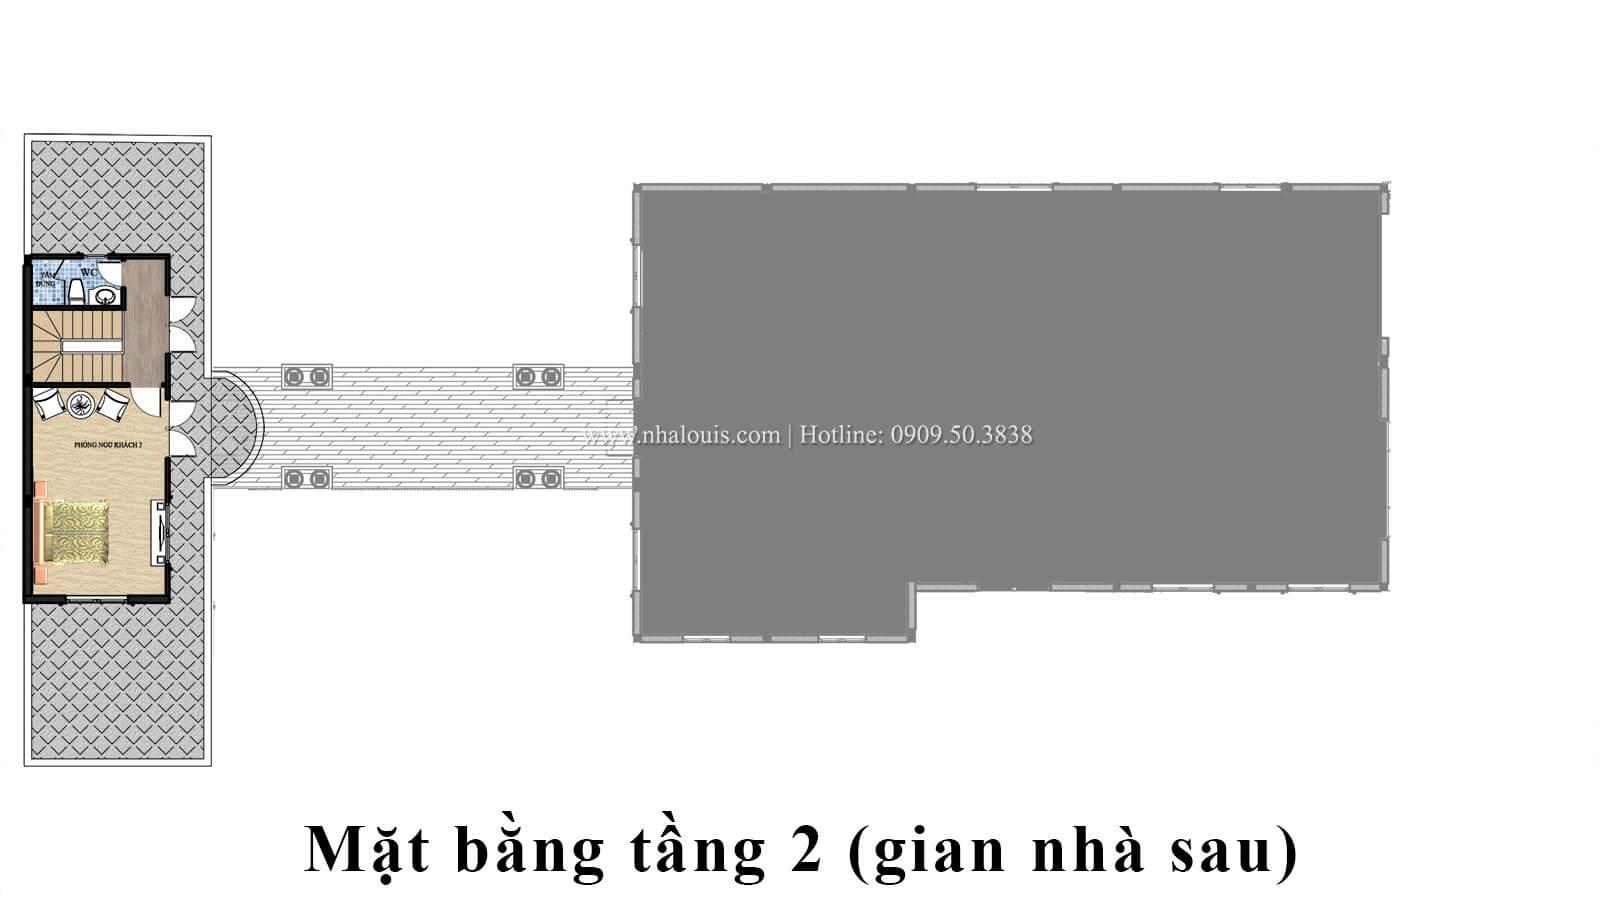 Mặt bằng tầng 2 Mẫu biệt thự 2 tầng đẹp quý phái tại Hội An - 07